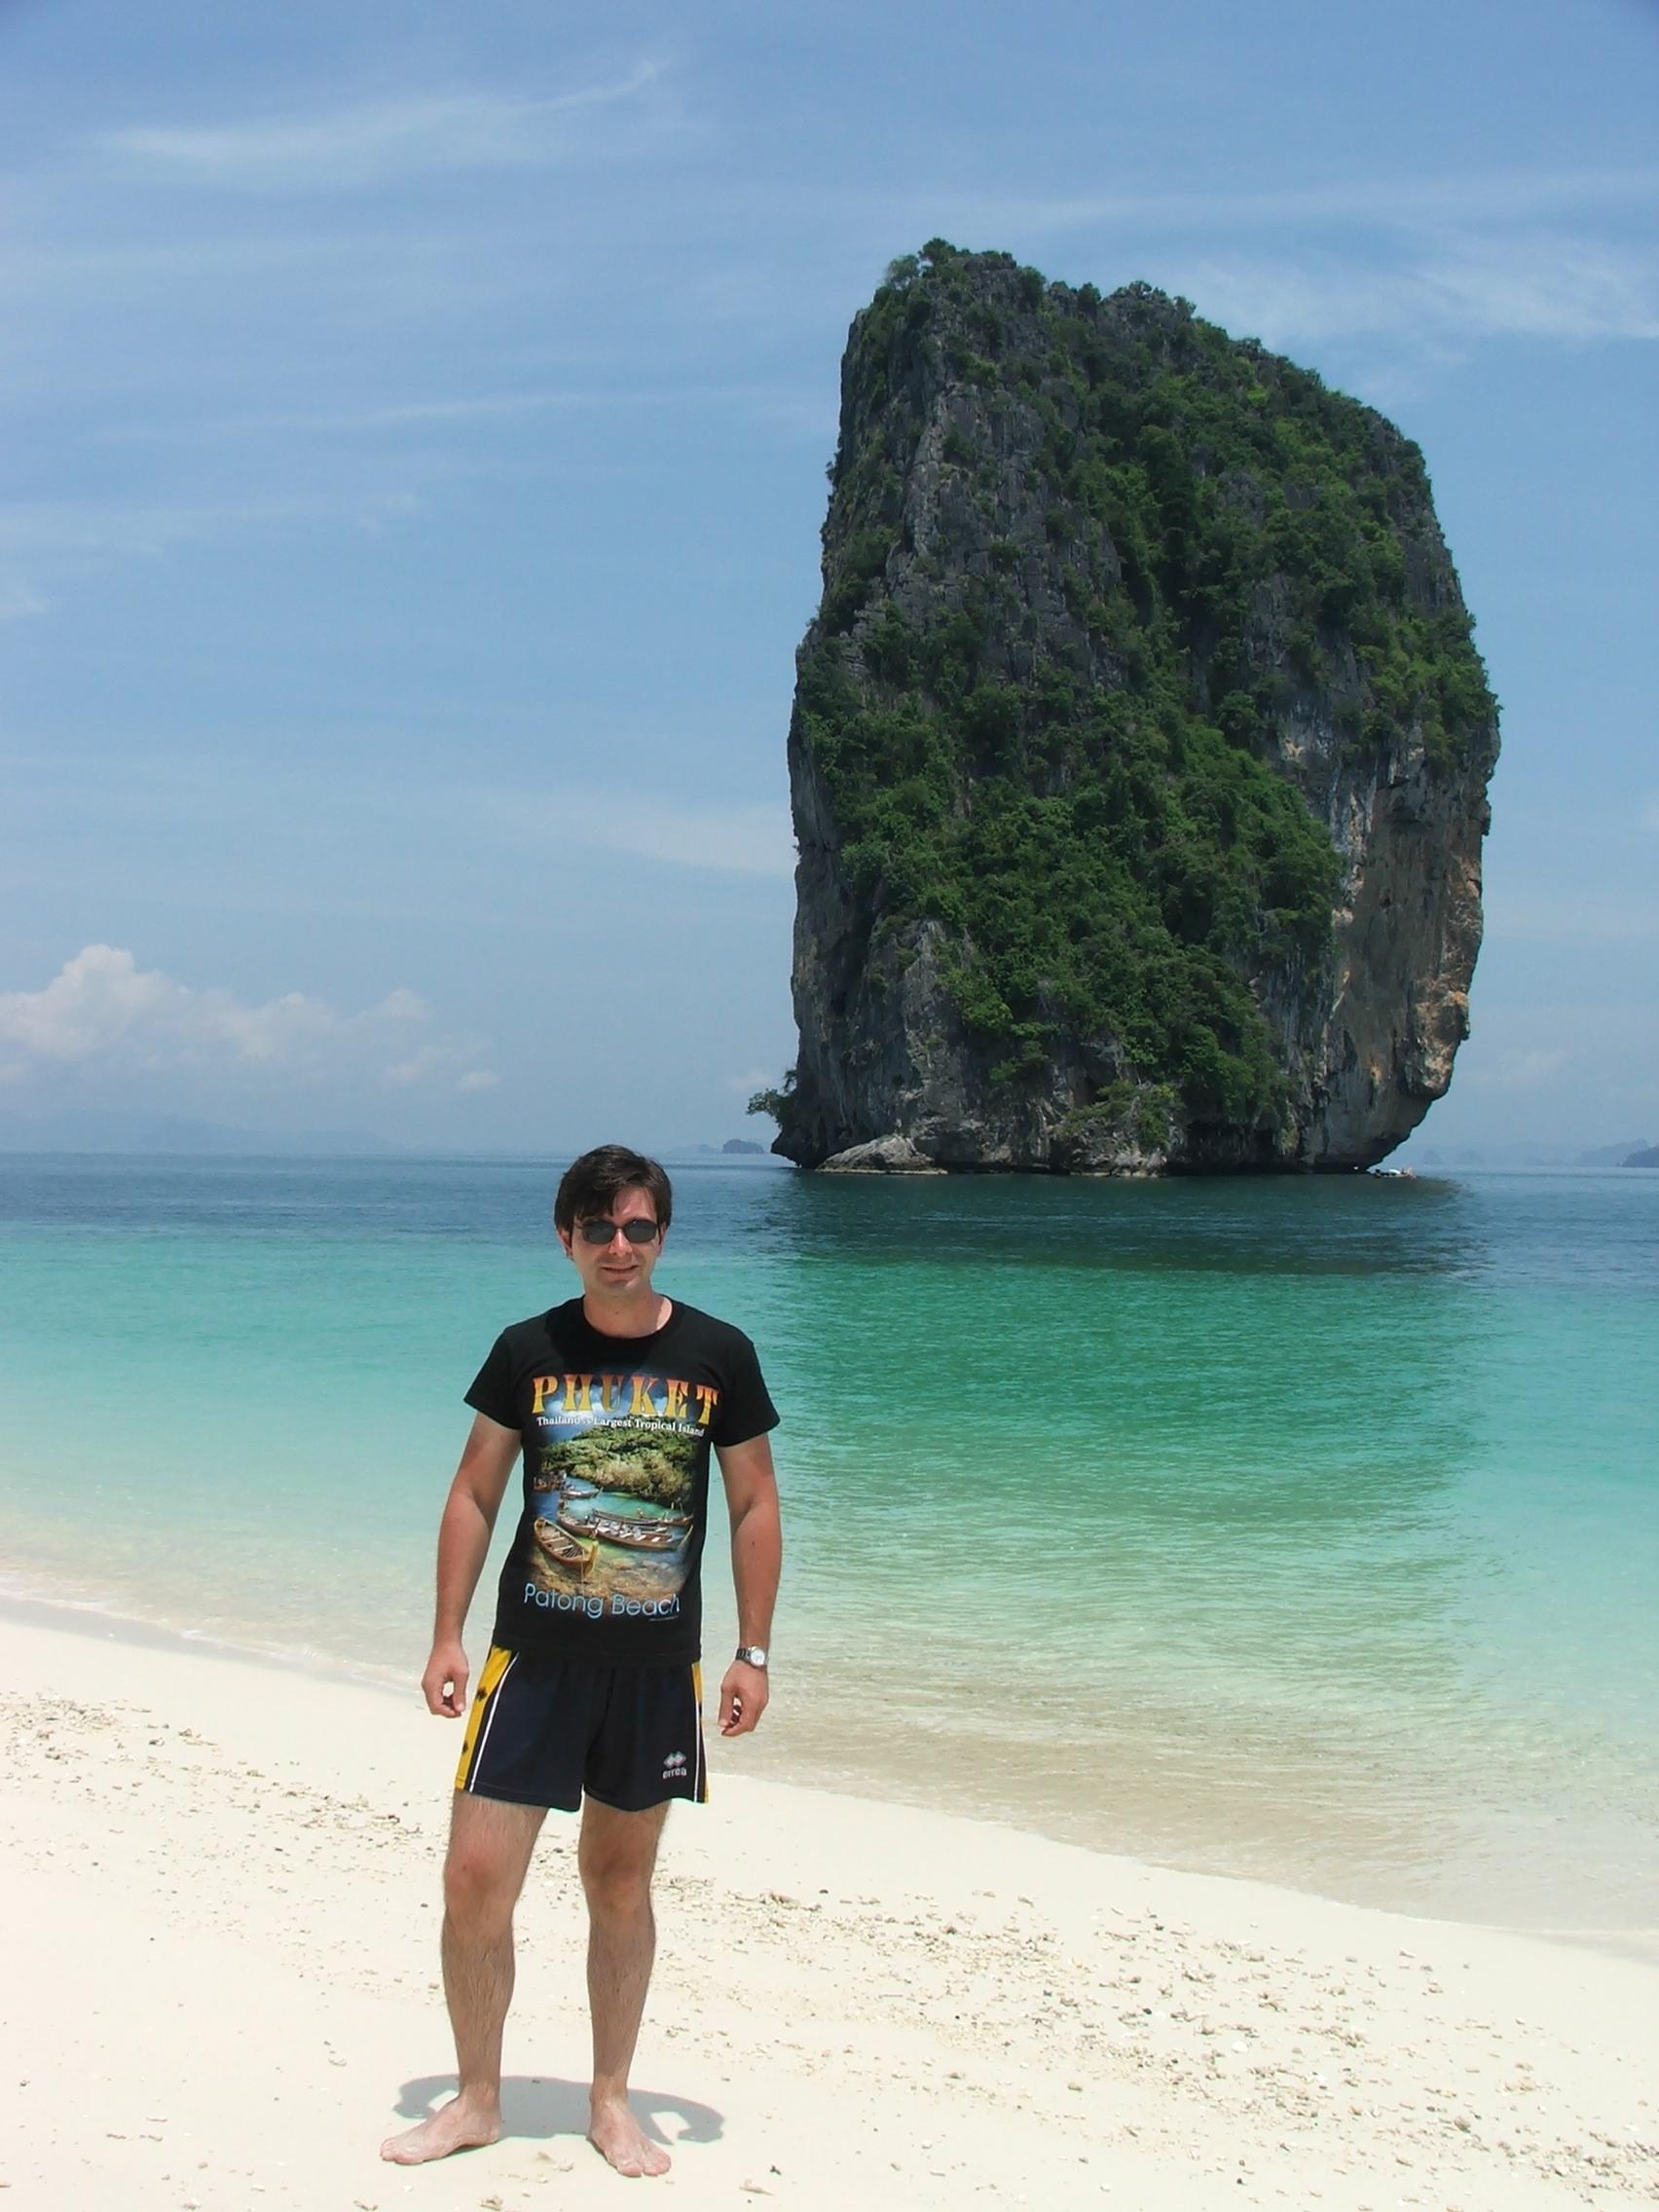 Thailanda - ţara libertăţii, zâmbetului şi a gândirii pozitive